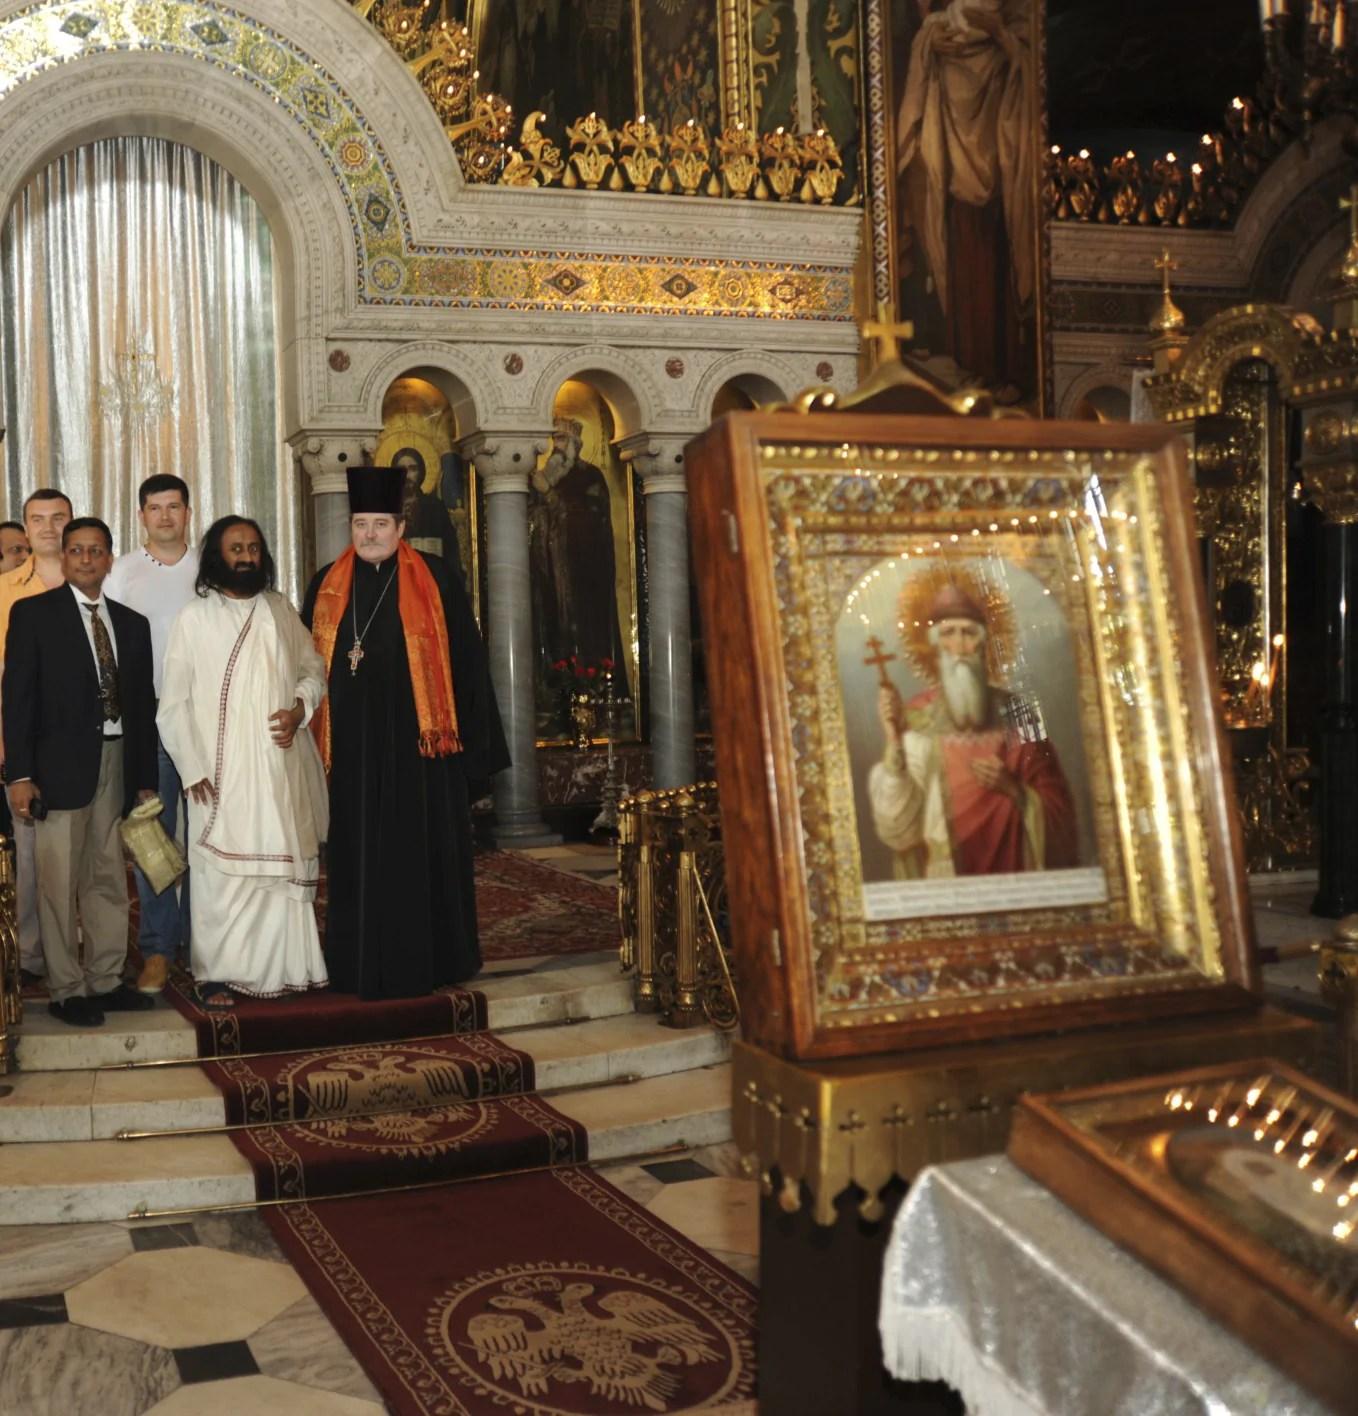 Sri Sri visits Ukraine